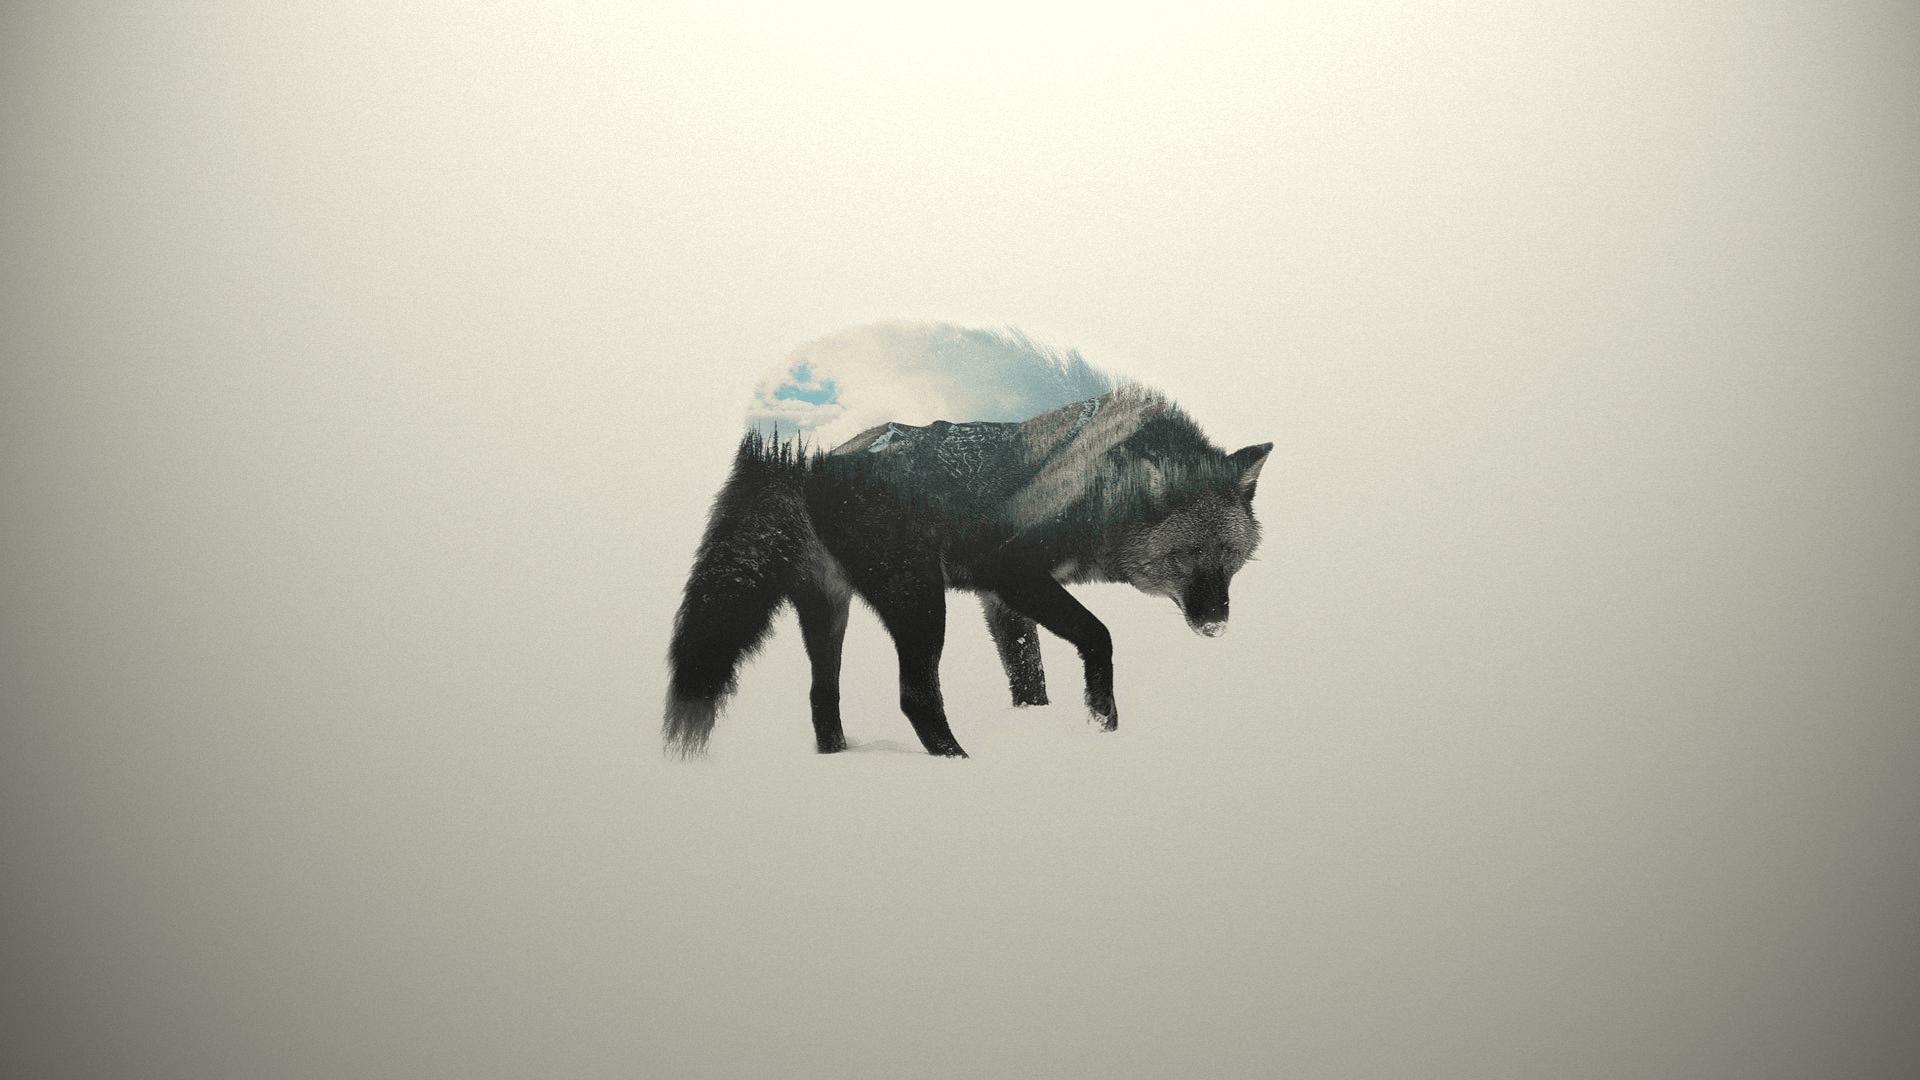 Minimalist Animal Wallpapers Top Free Minimalist Animal